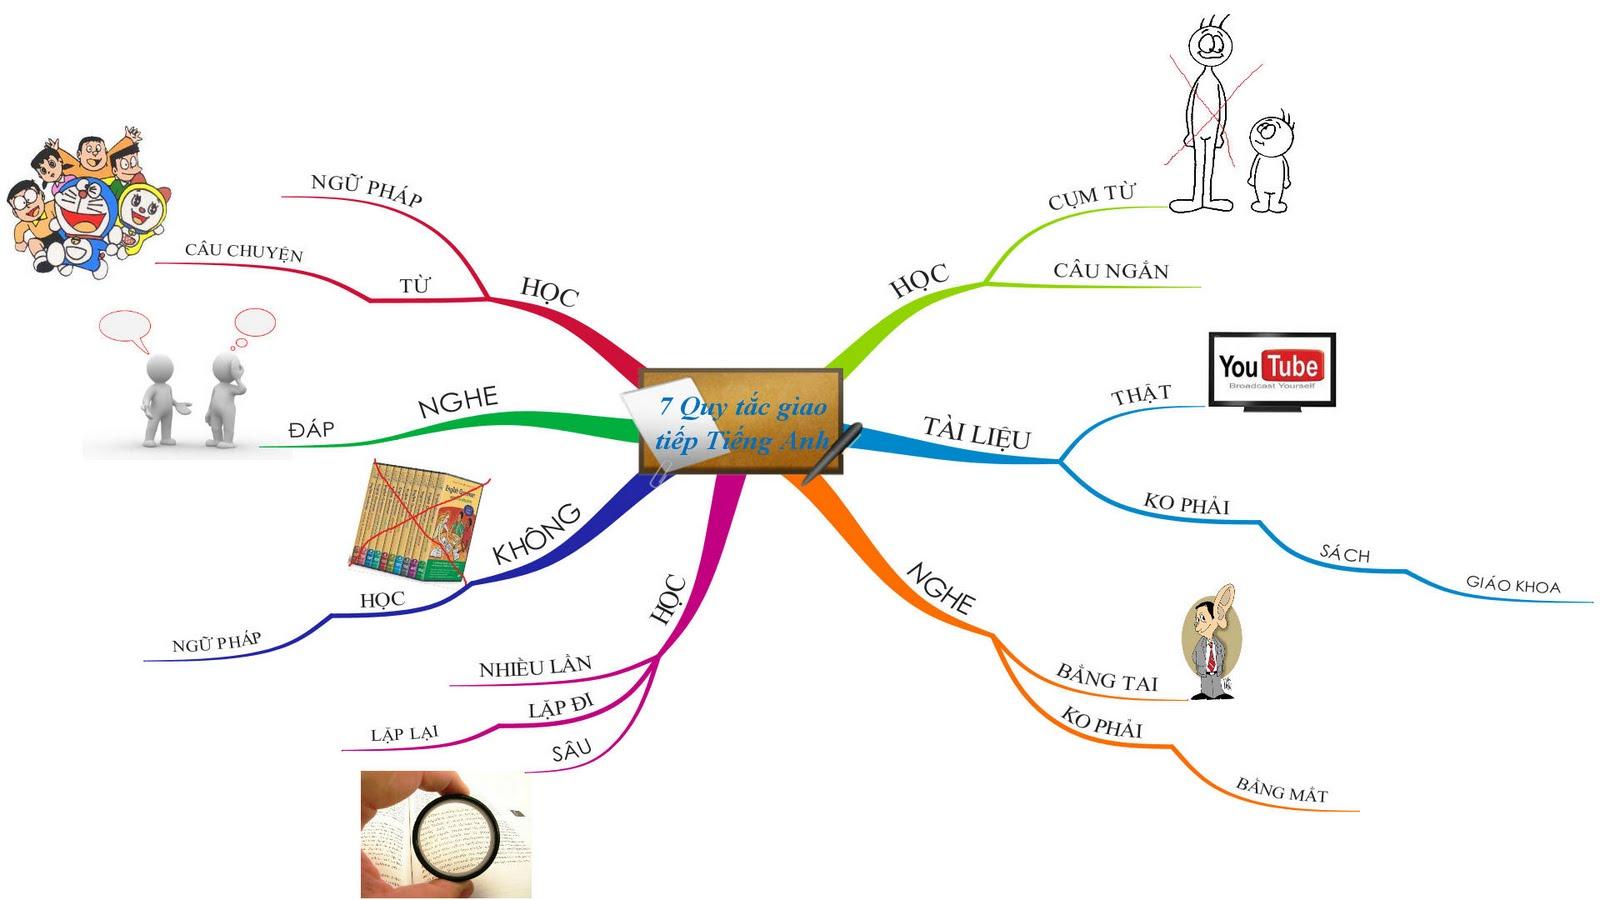 Trung tâm dạy tiếng anh - Địa chỉ trung tâm dạy tiếng anh uy tín chuyên nghiệp nhất Hà Nội